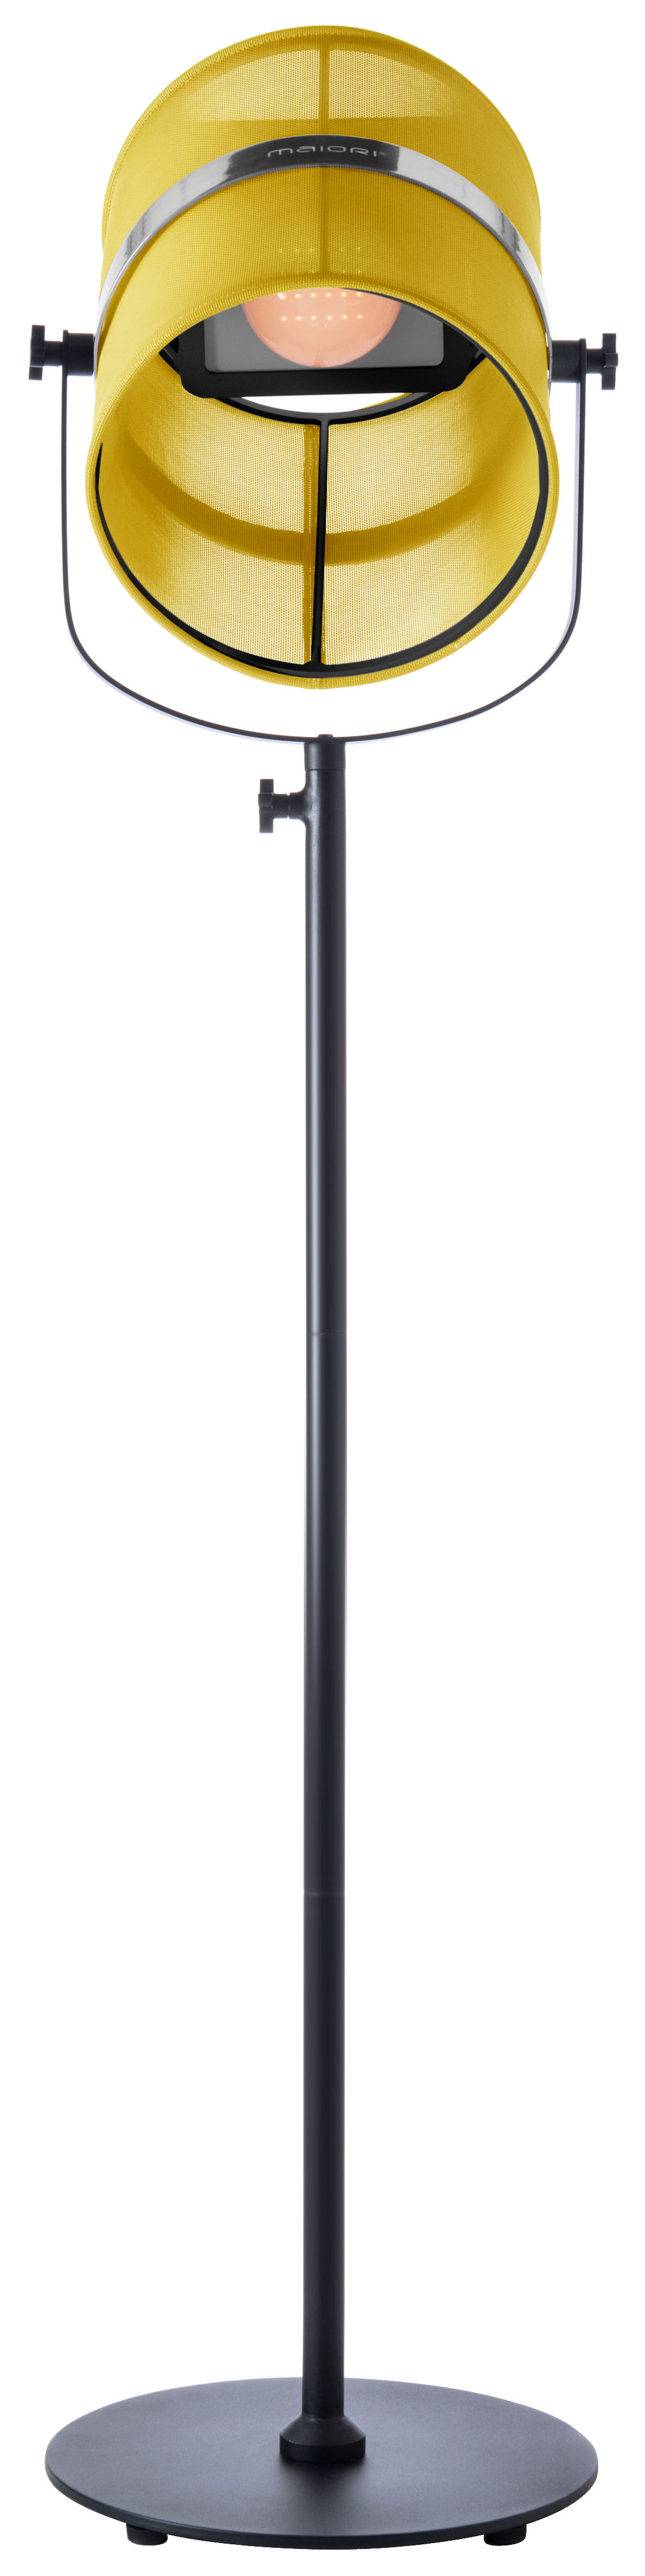 lampadaire solaire la lampe paris led sans fil citron pied noir maiori. Black Bedroom Furniture Sets. Home Design Ideas